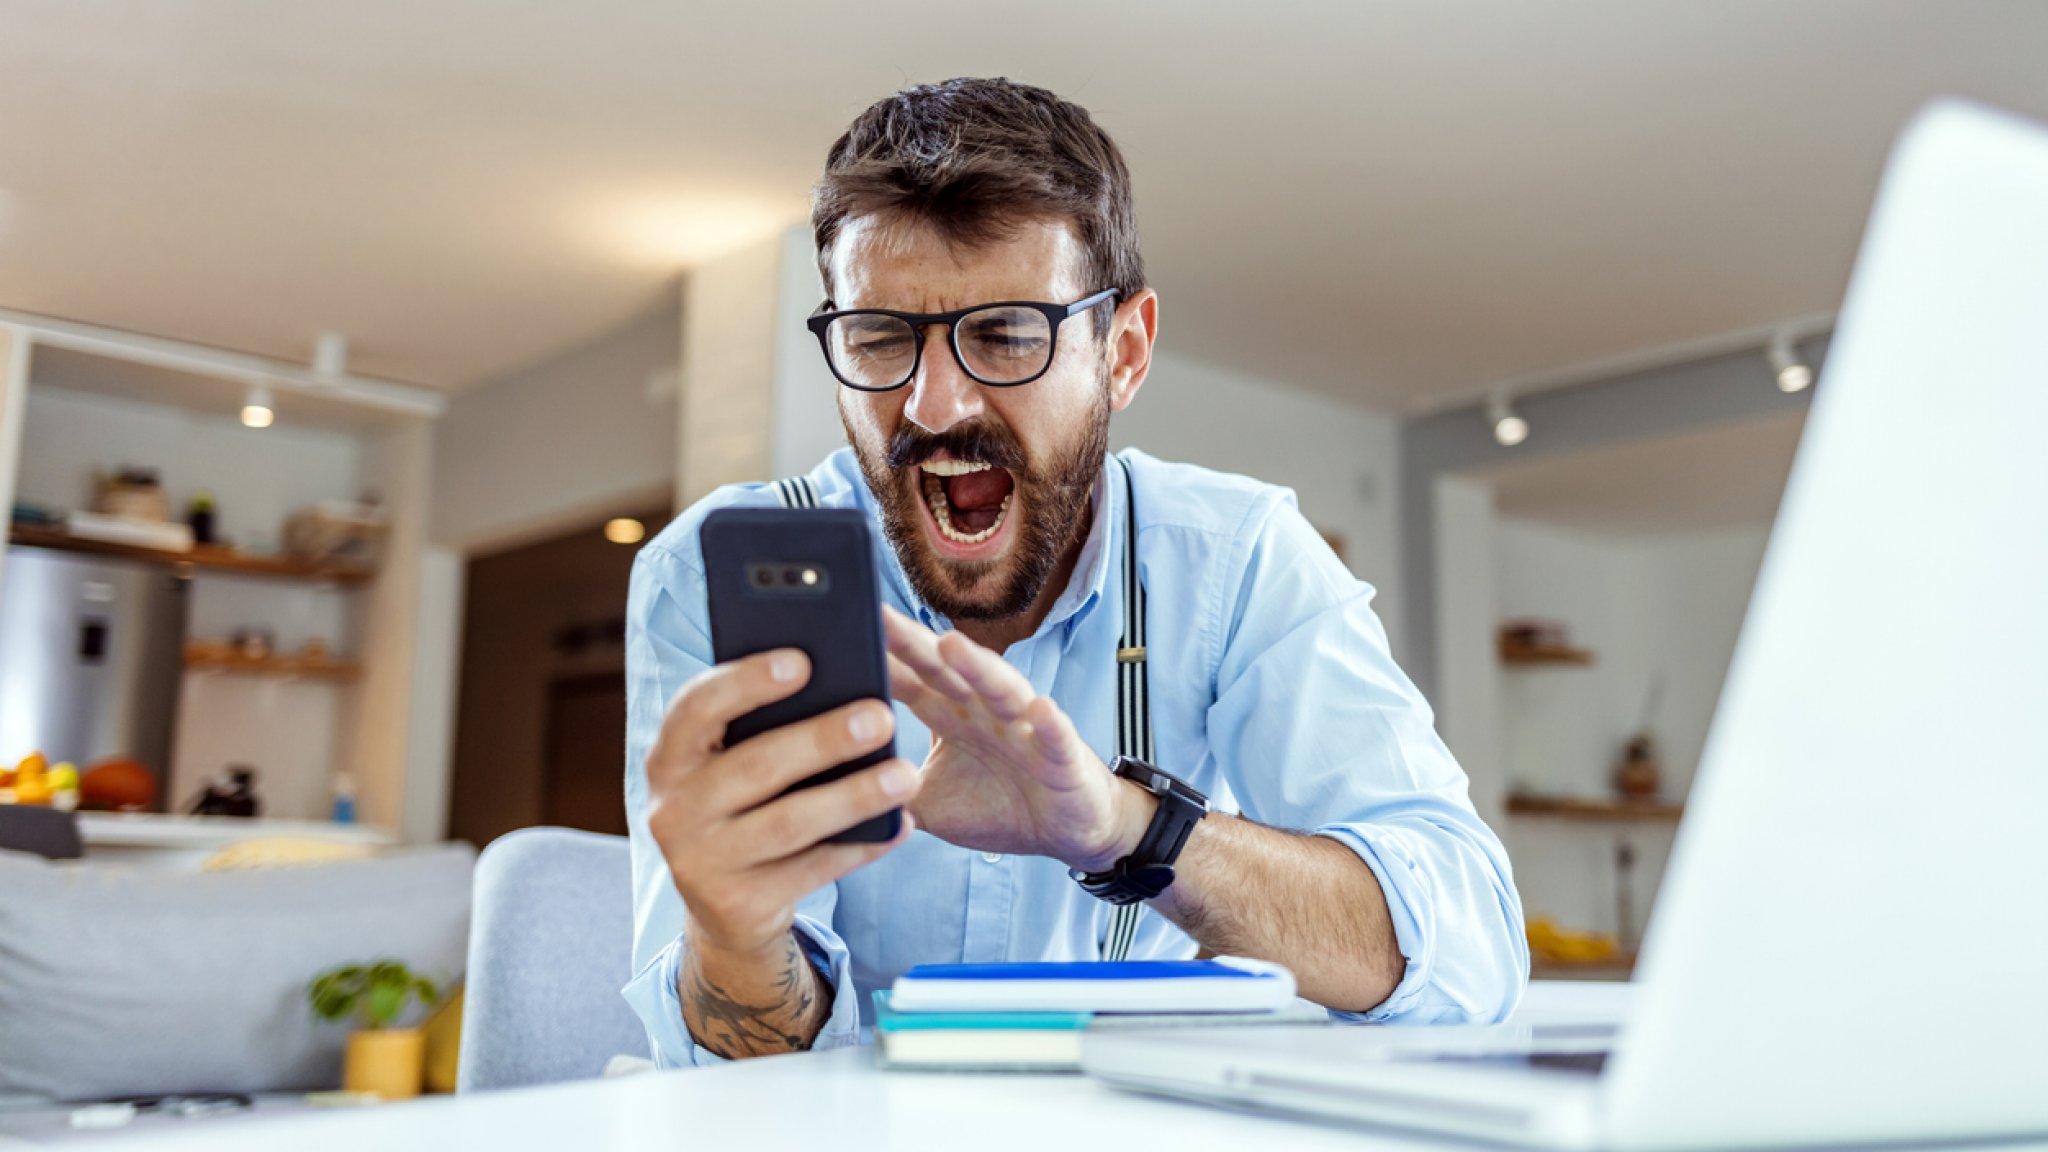 Oudertelefoon komt met schreeuwfunctie: hoe effectief is een potje blèren? - EditieNL